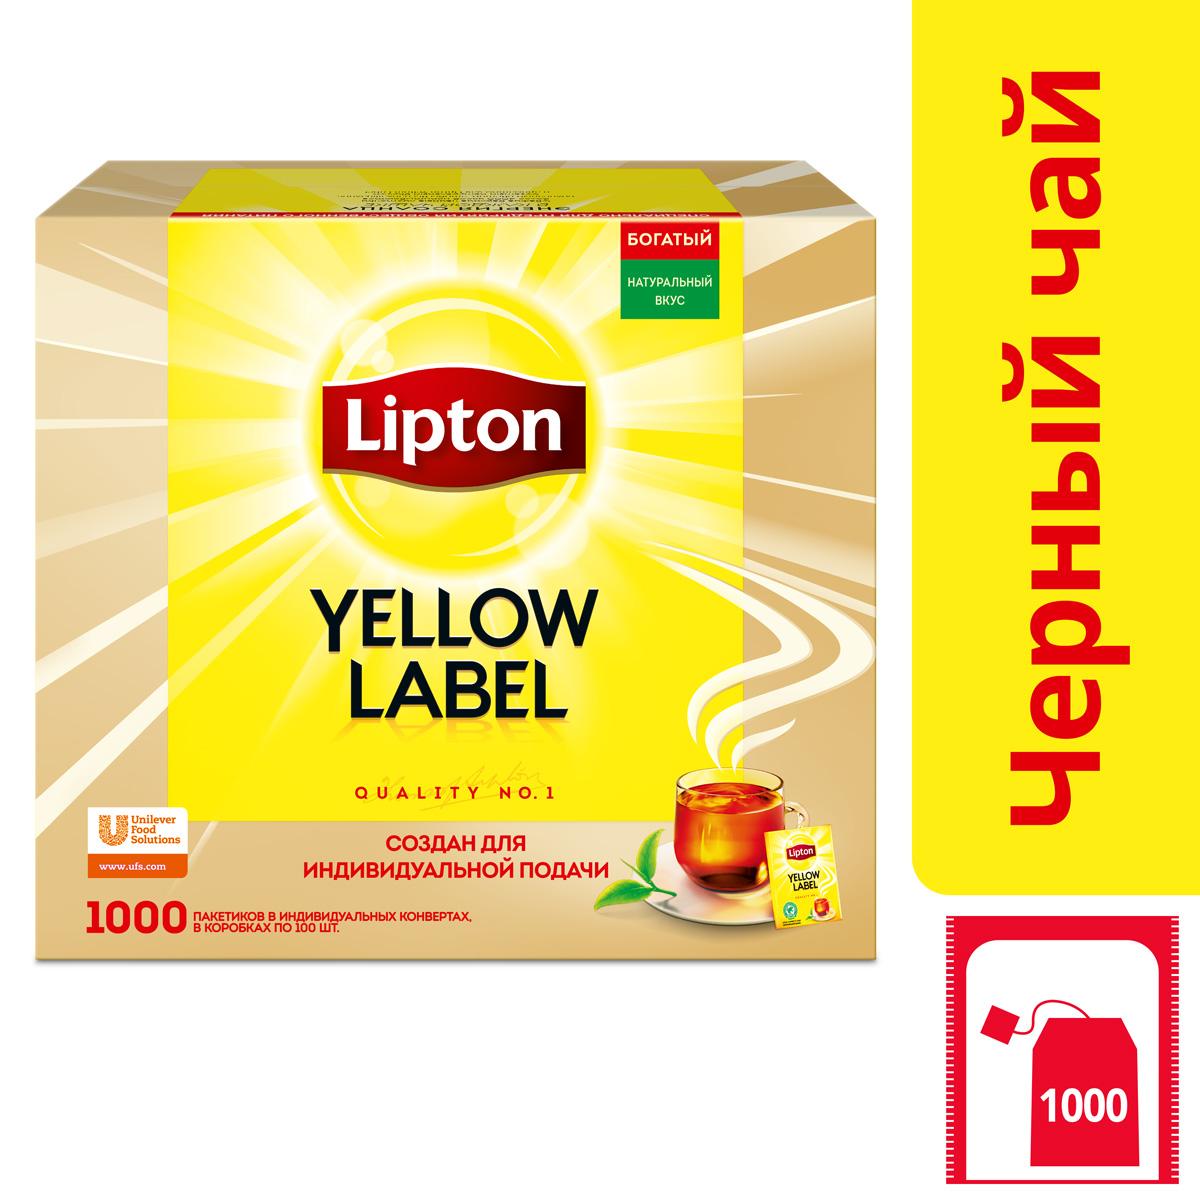 LIPTON Yellow Label черный чай в сашетах (1000 шт) - Уже так полюбившийся Lipton Yellow Label в новой экономичной упаковке!